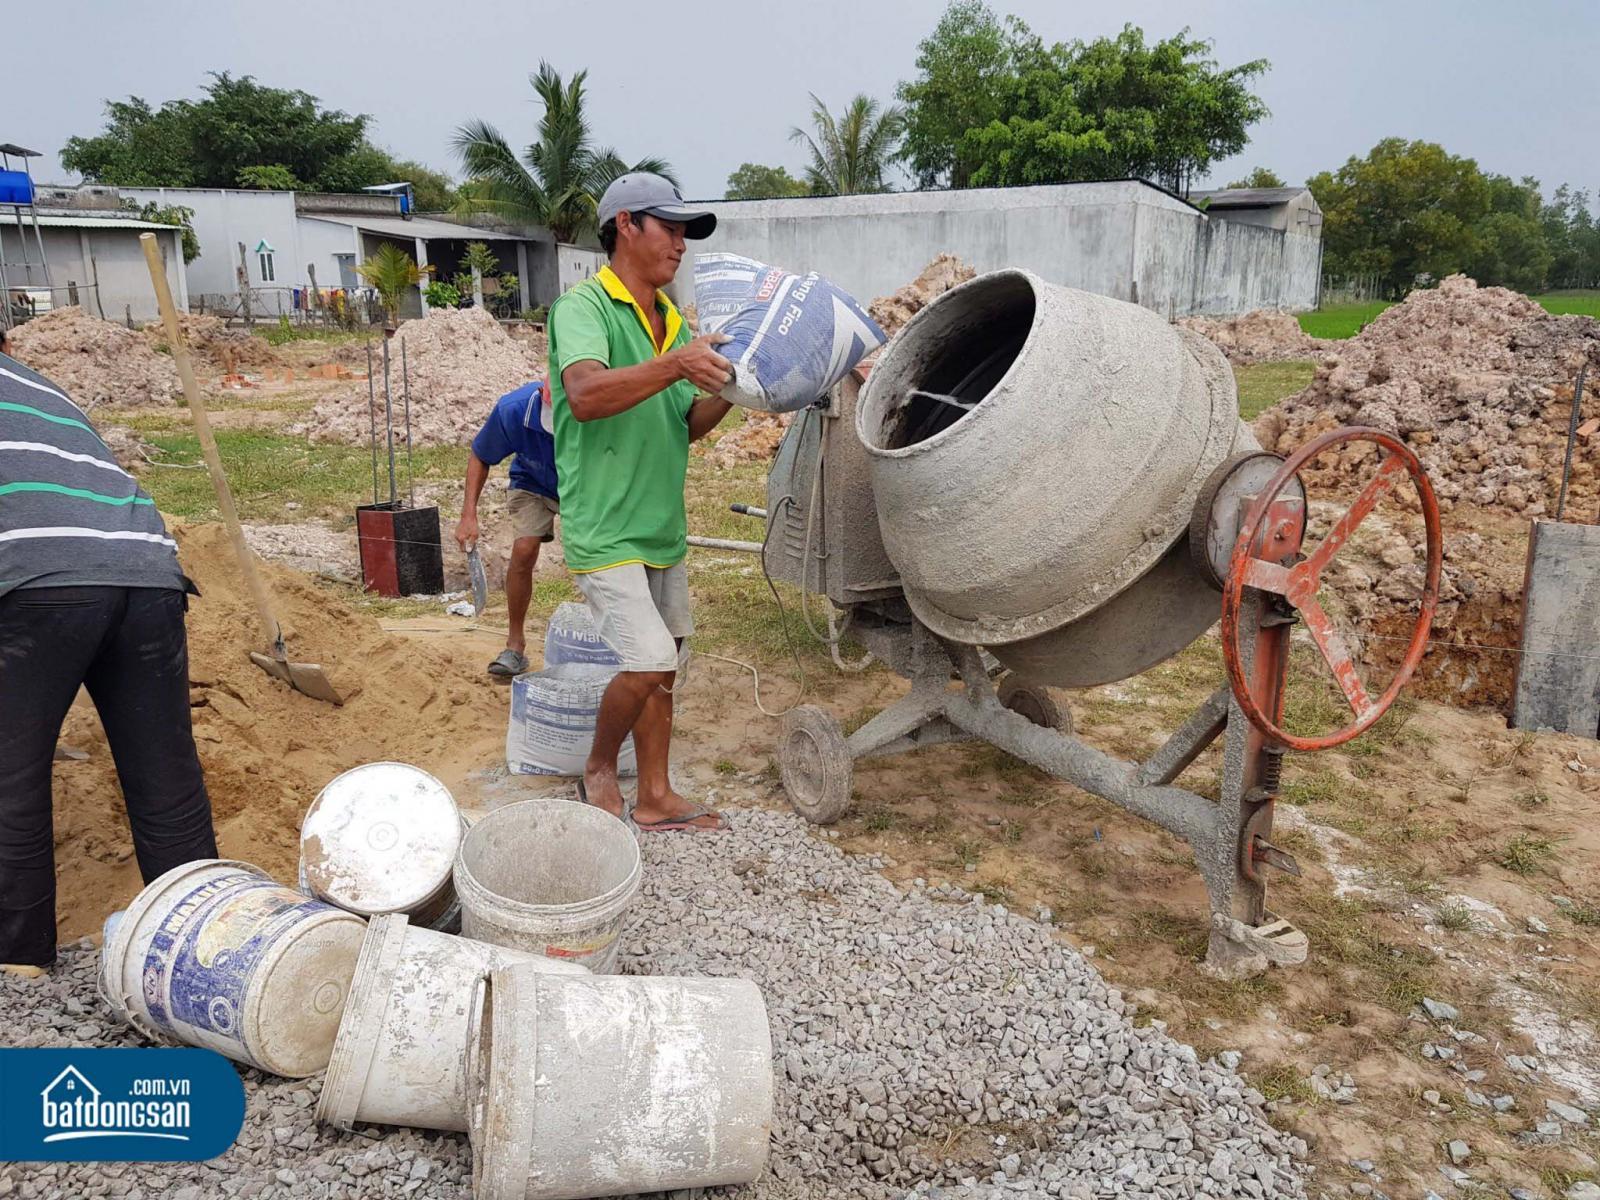 Ba nam công nhân đang đổ vật liệu vào máy trộn bê tông làm hạ tầng trong một dự án đất nền.